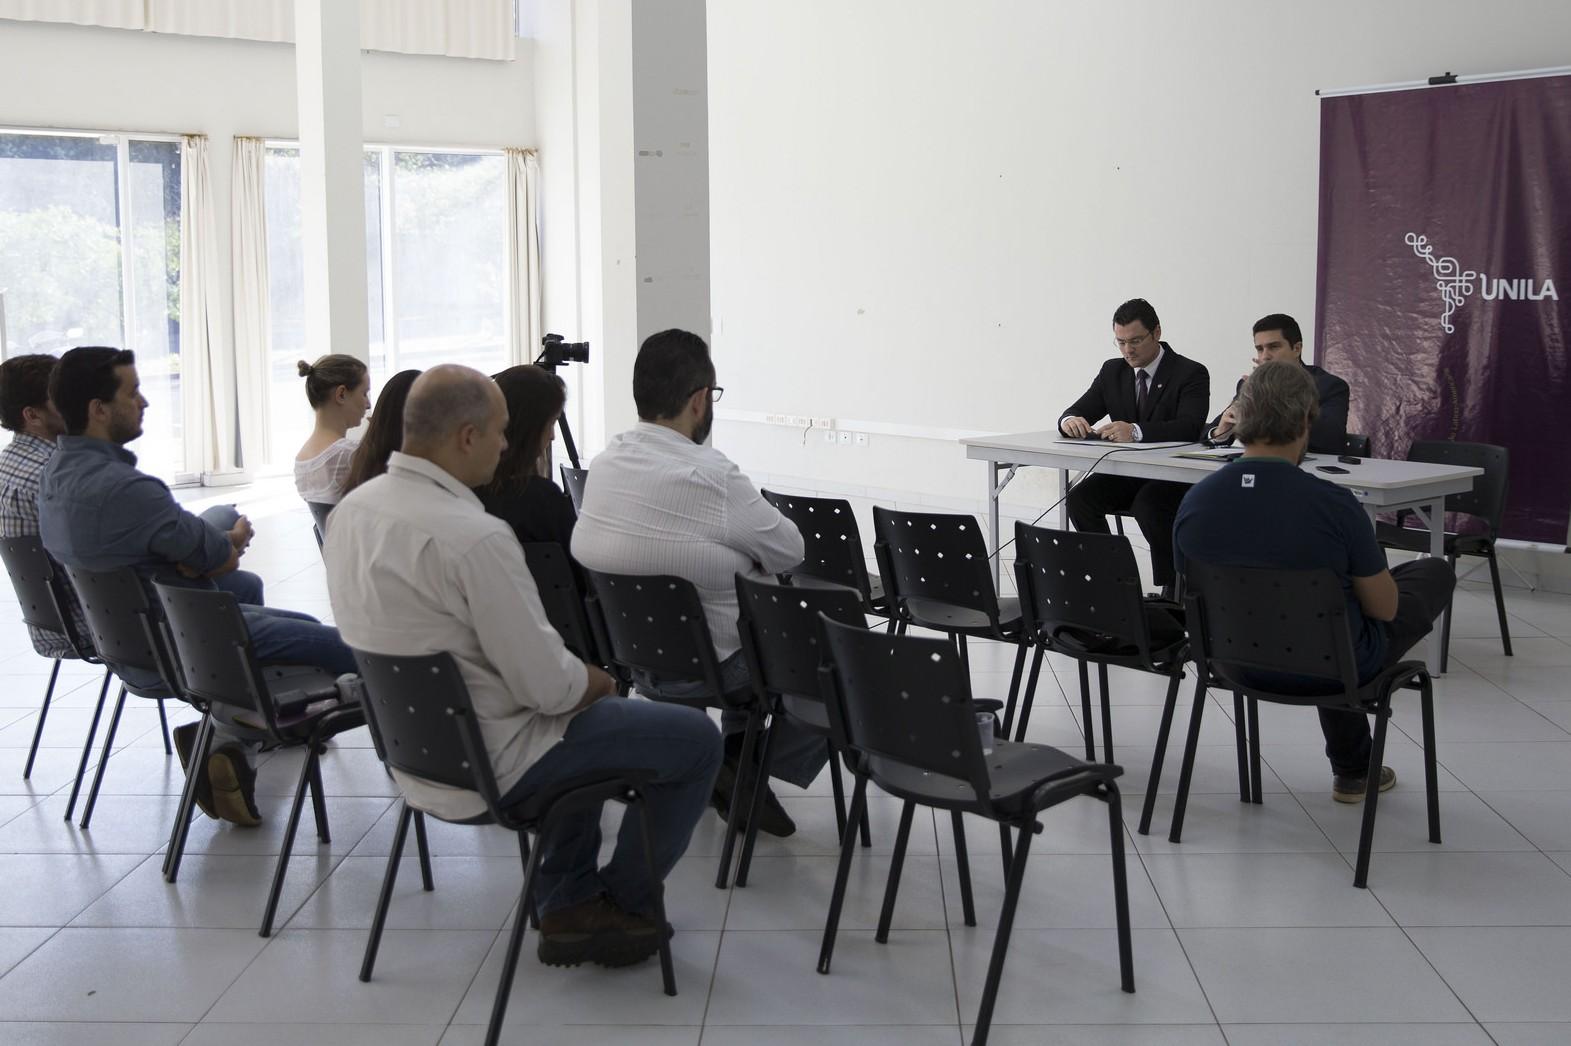 Informações foram repassadas à imprensa de Foz do Iguaçu durante entrevista coletiva.